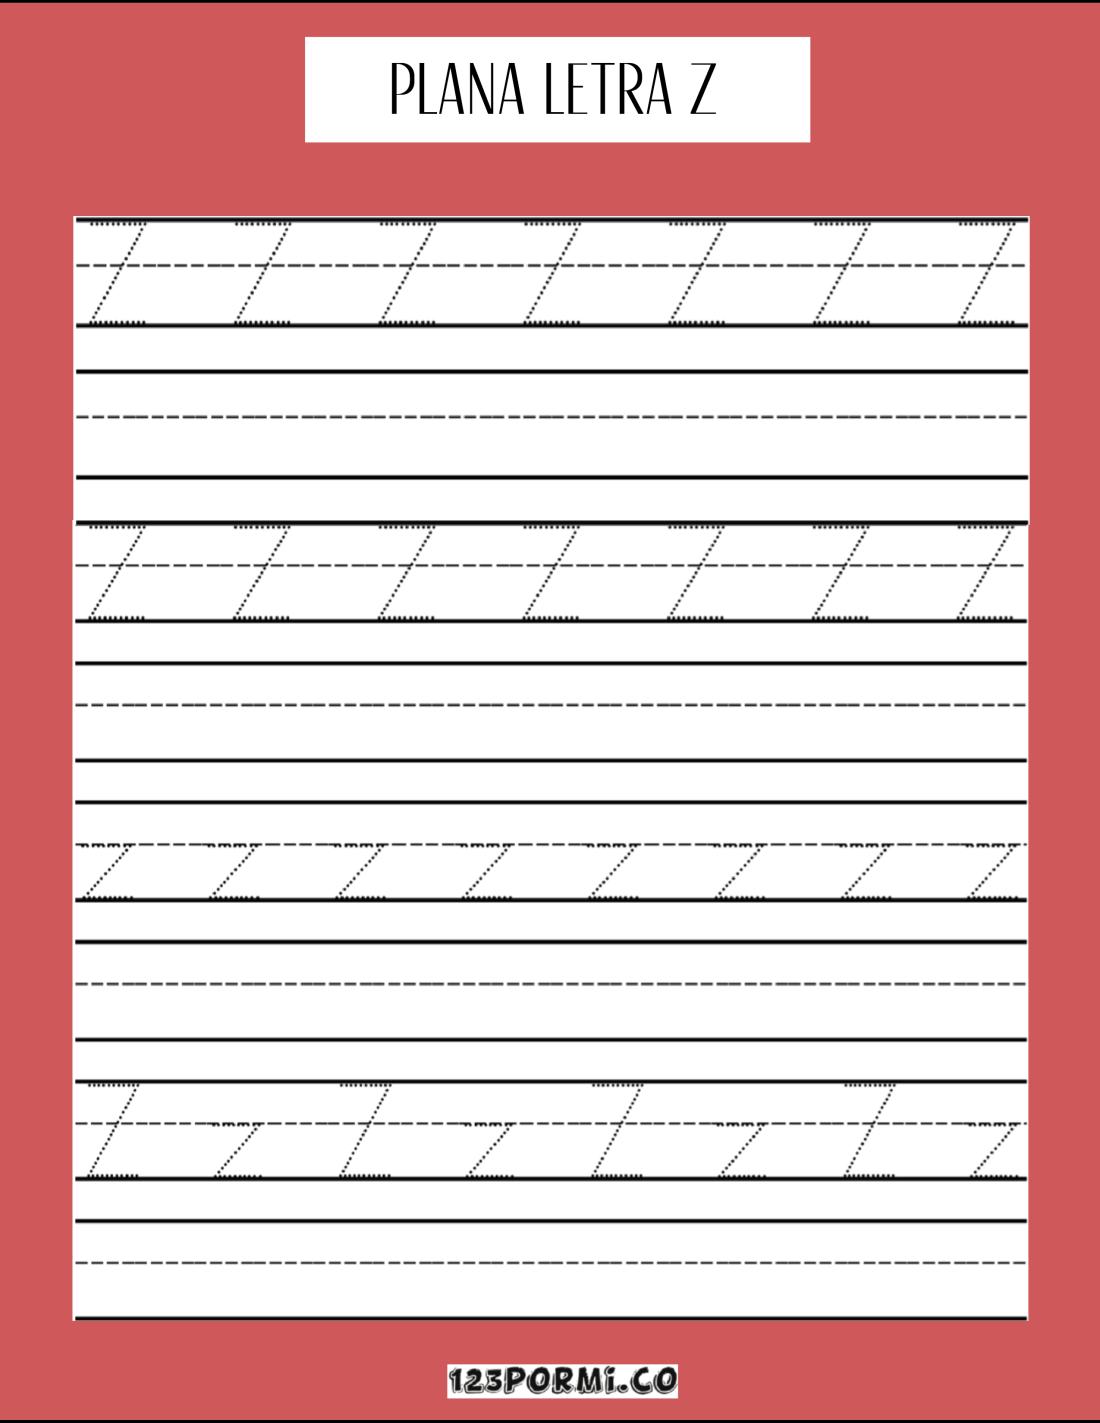 Plana letra z_Mesa de trabajo 1